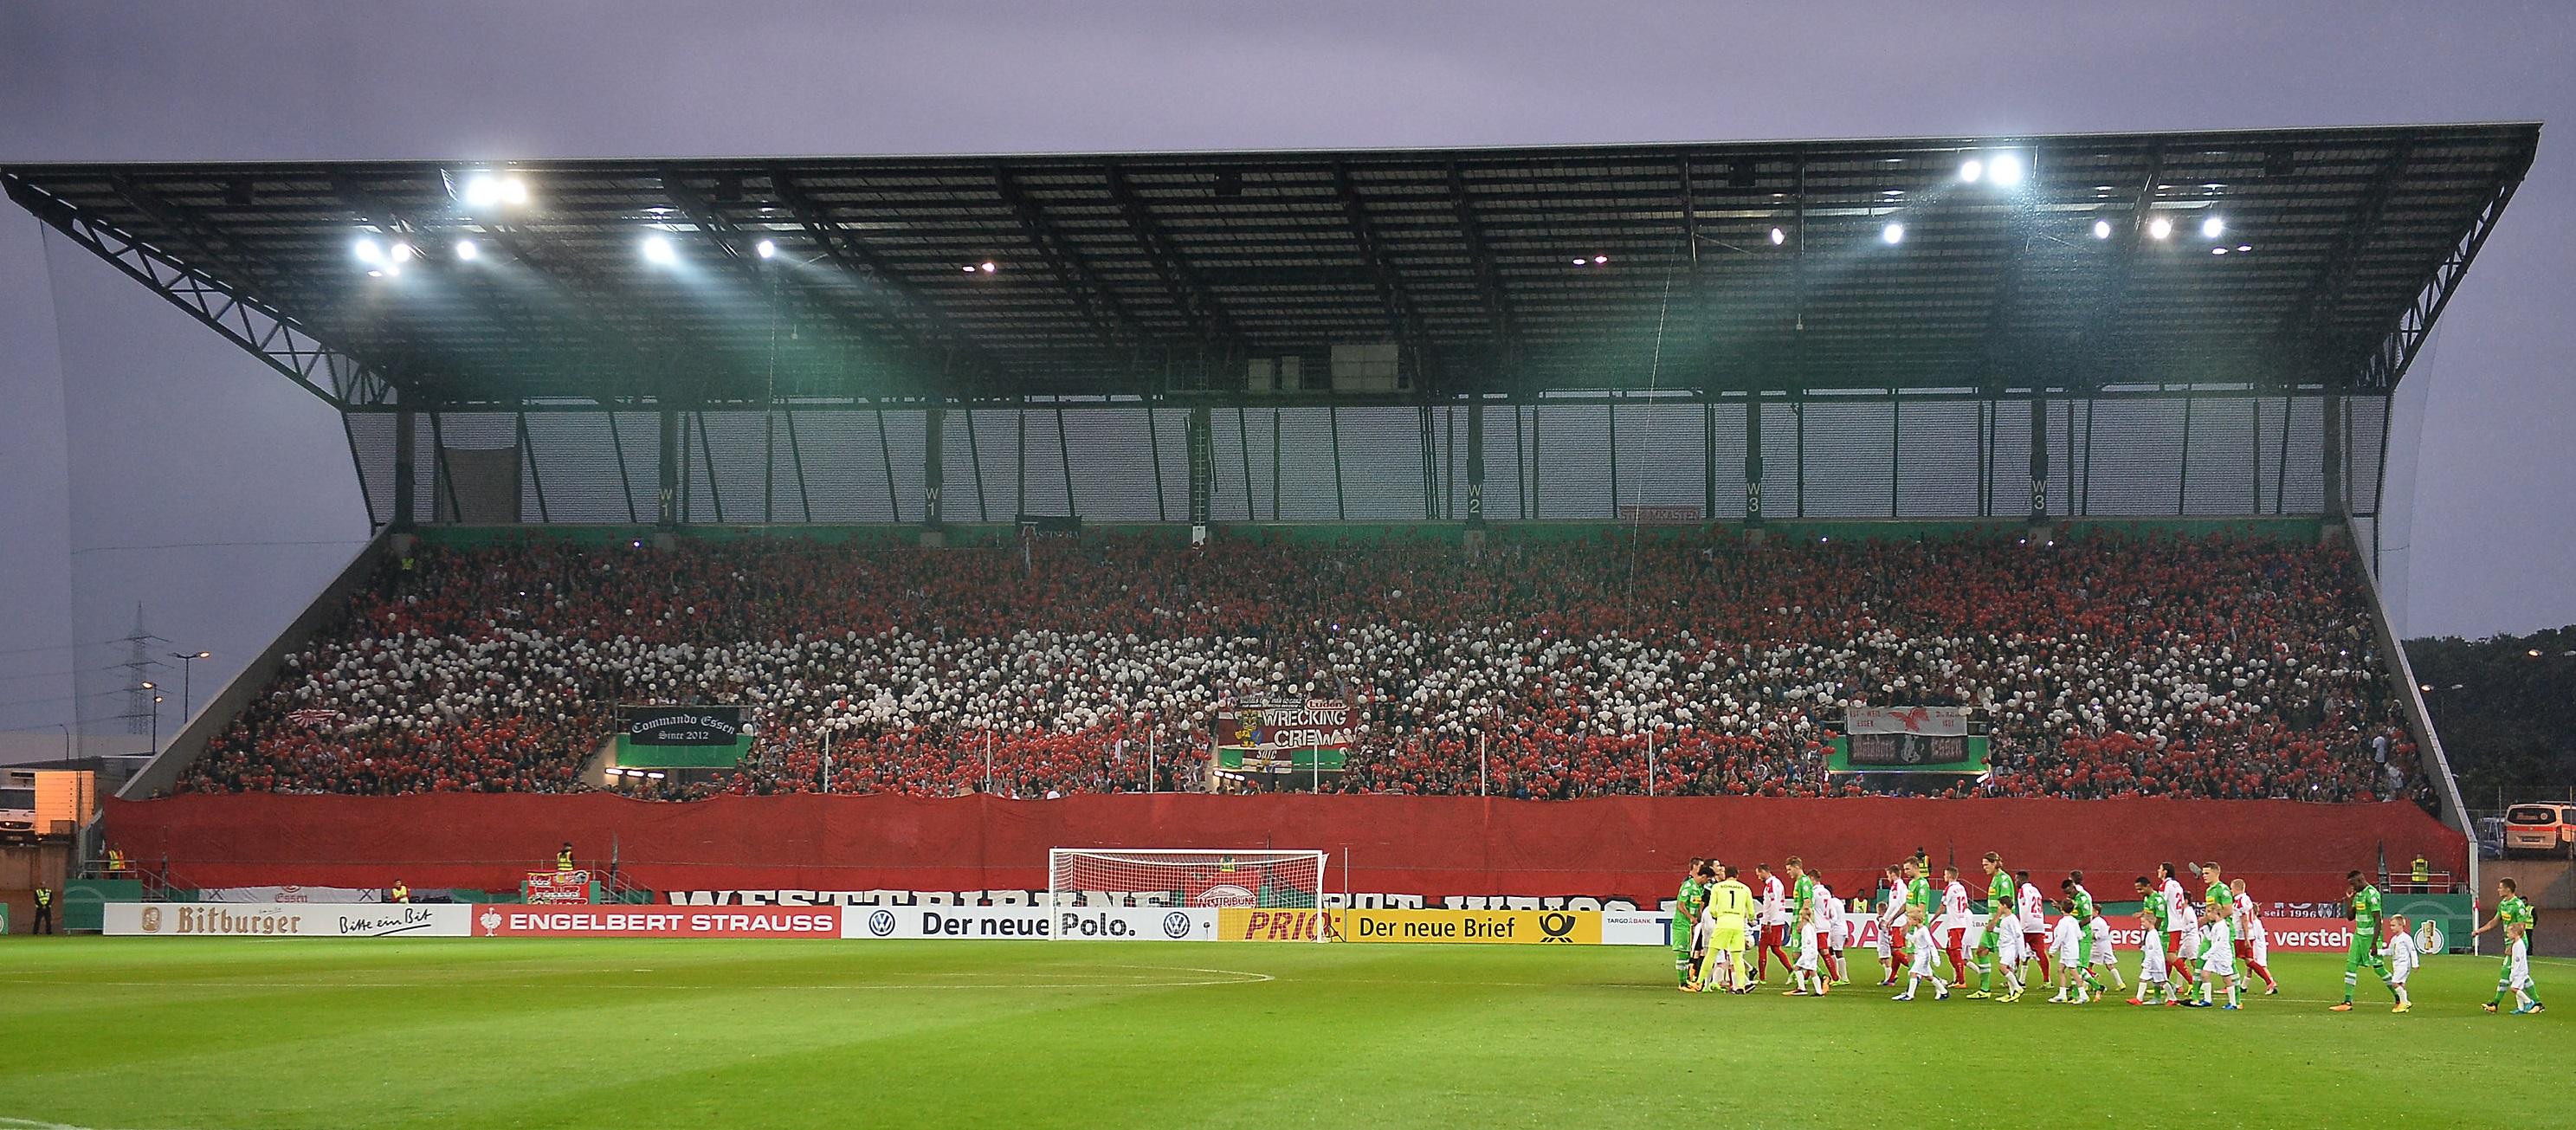 4.000 Dauerkarten hat Rot-Weiss Essen bereits verkauft. (Foto: Tillmann)